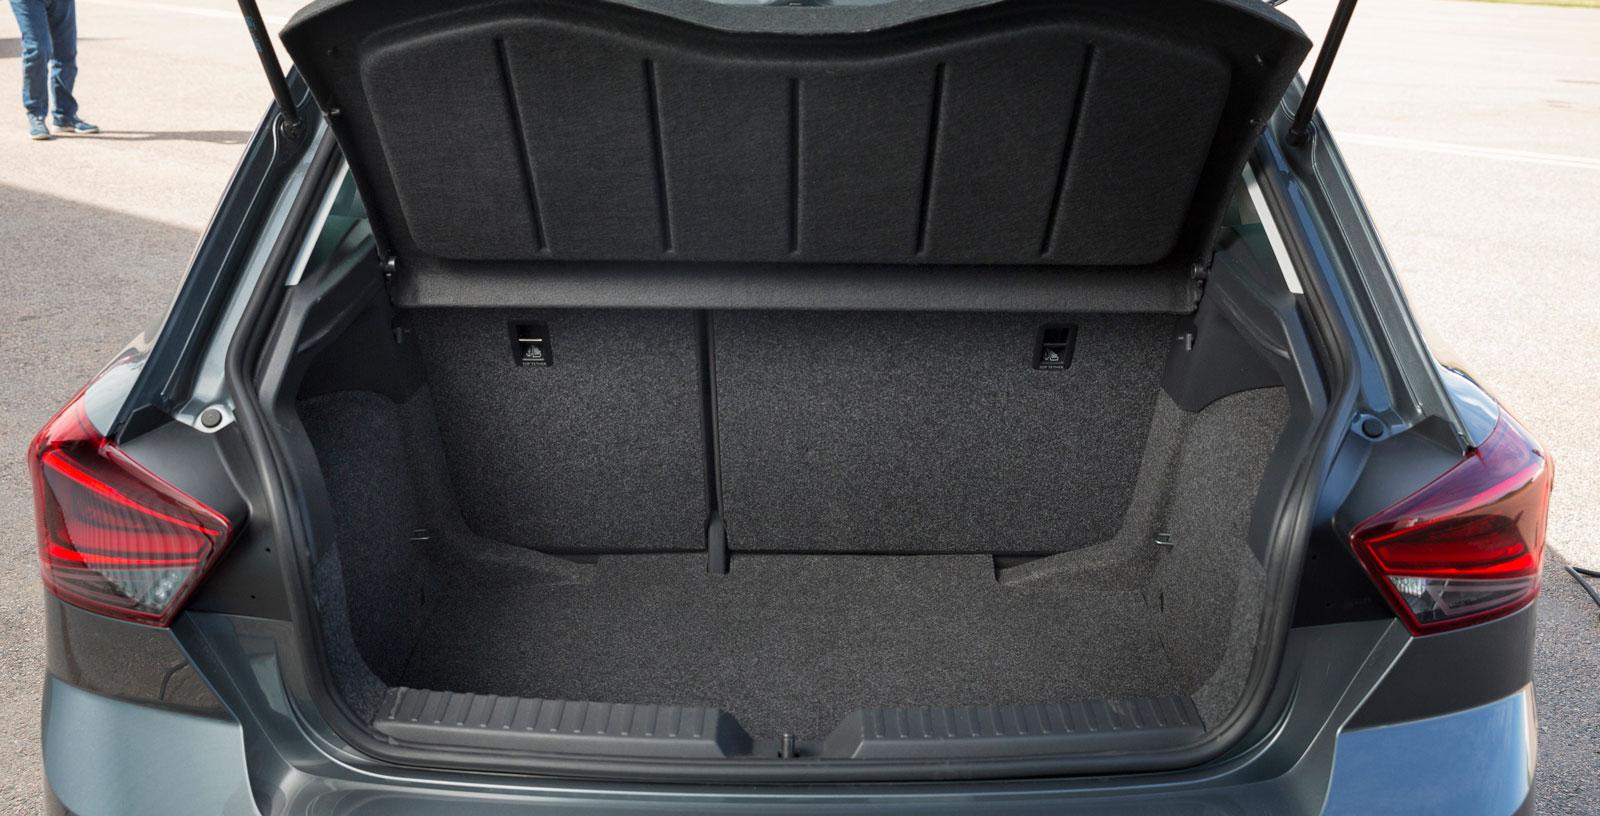 Med 355 lastliter skuggar Ibiza bagageutrymmen i den större Golfklassen. Dubbelt lastgolv kommer med bagagepaketet (+1700 kr).